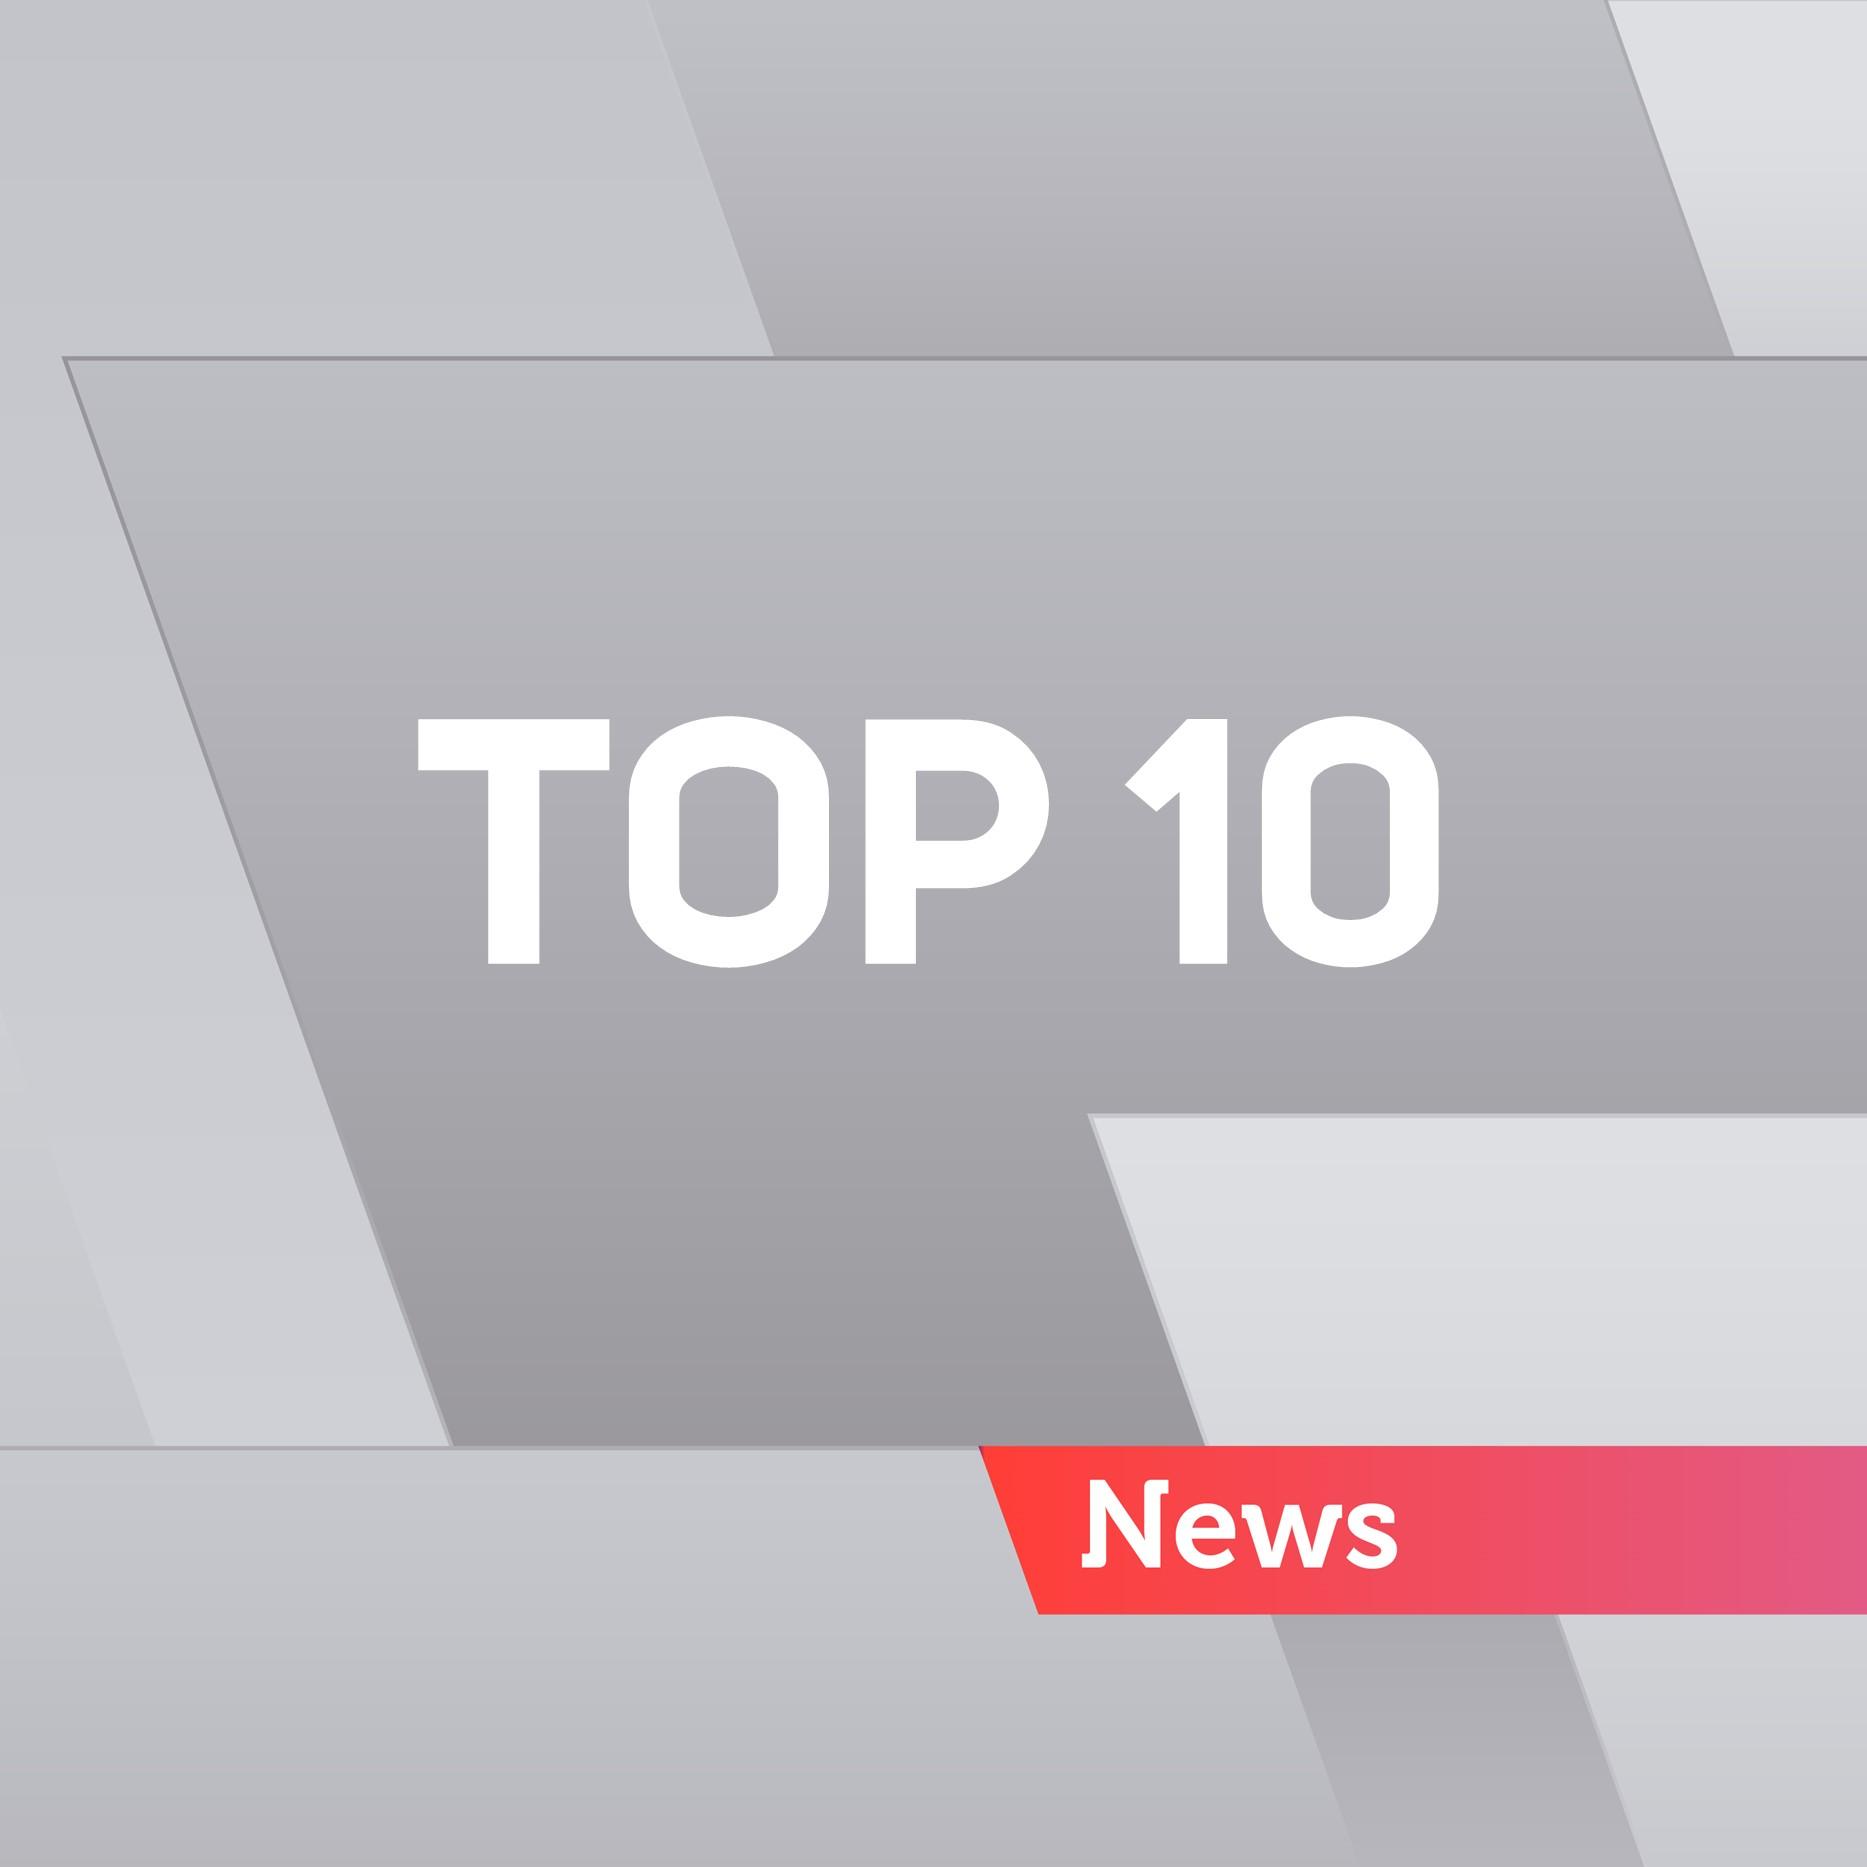 Top10: Resumo das principais notícias da manhã – 26/05/2017